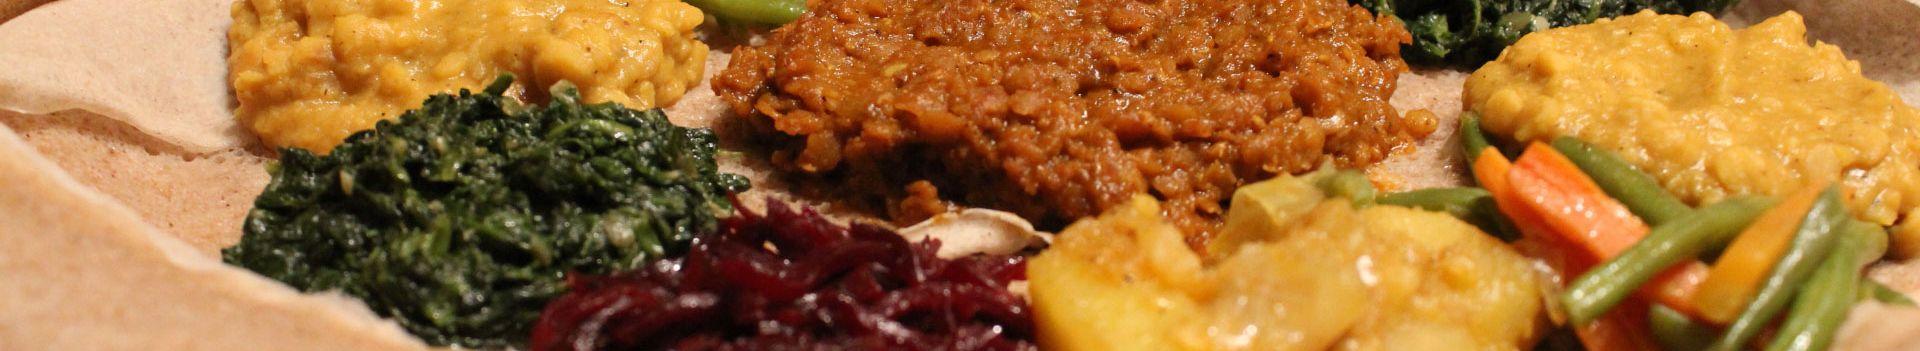 Cafe ABOL - äthiopische Küche - Radlexpress Lieferservice in Graz